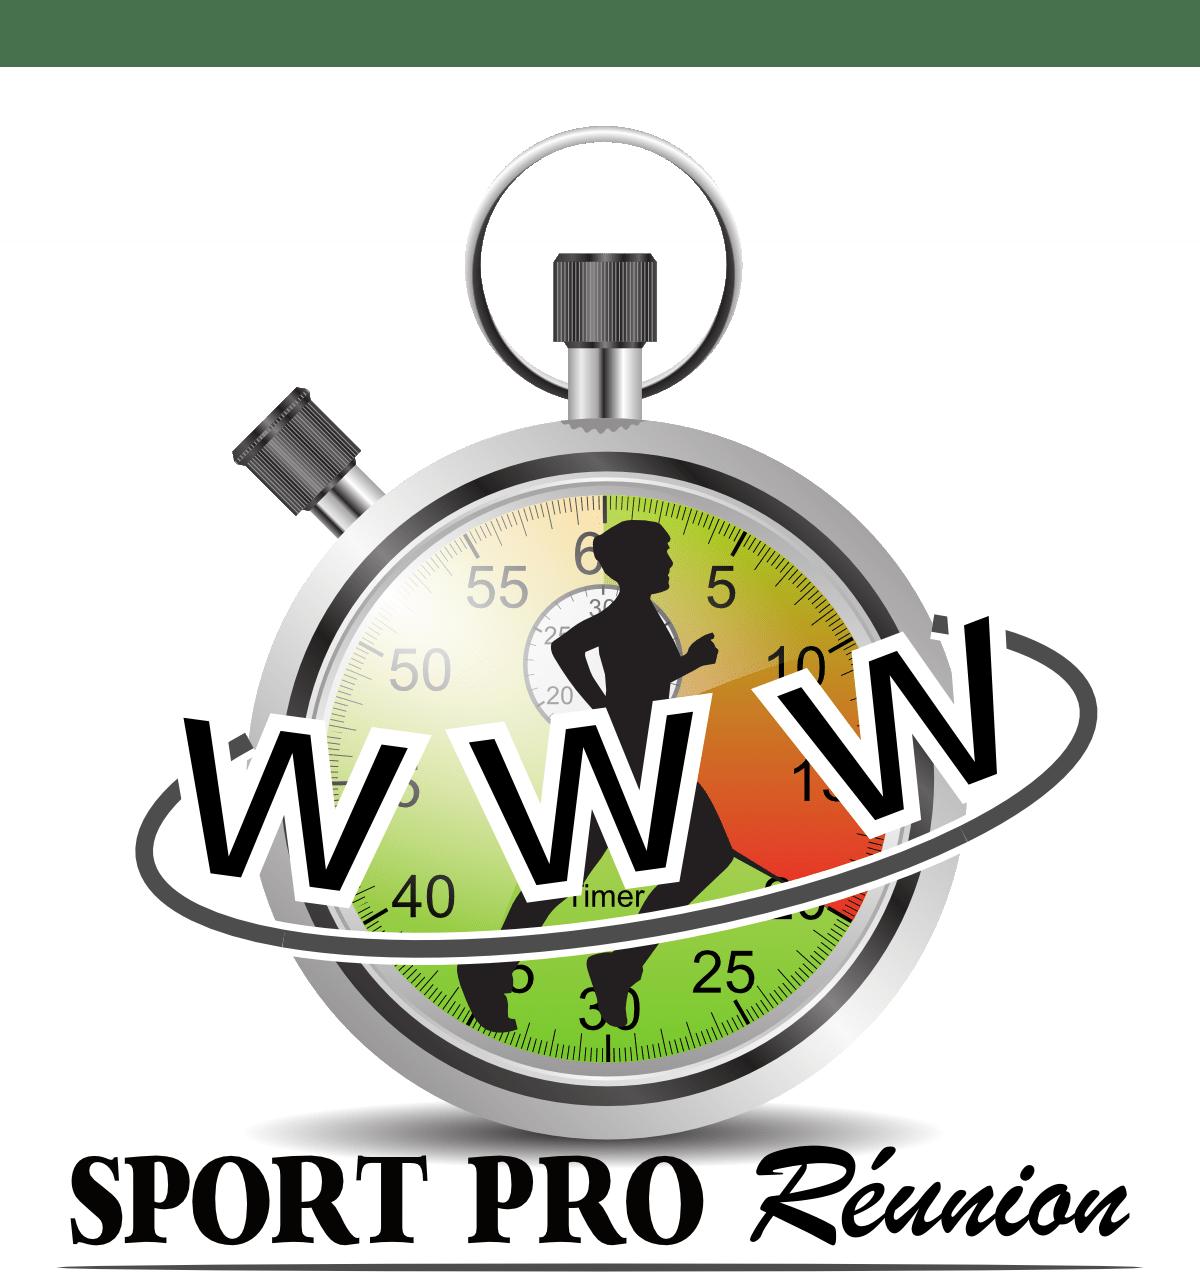 (c) Sportpro.re